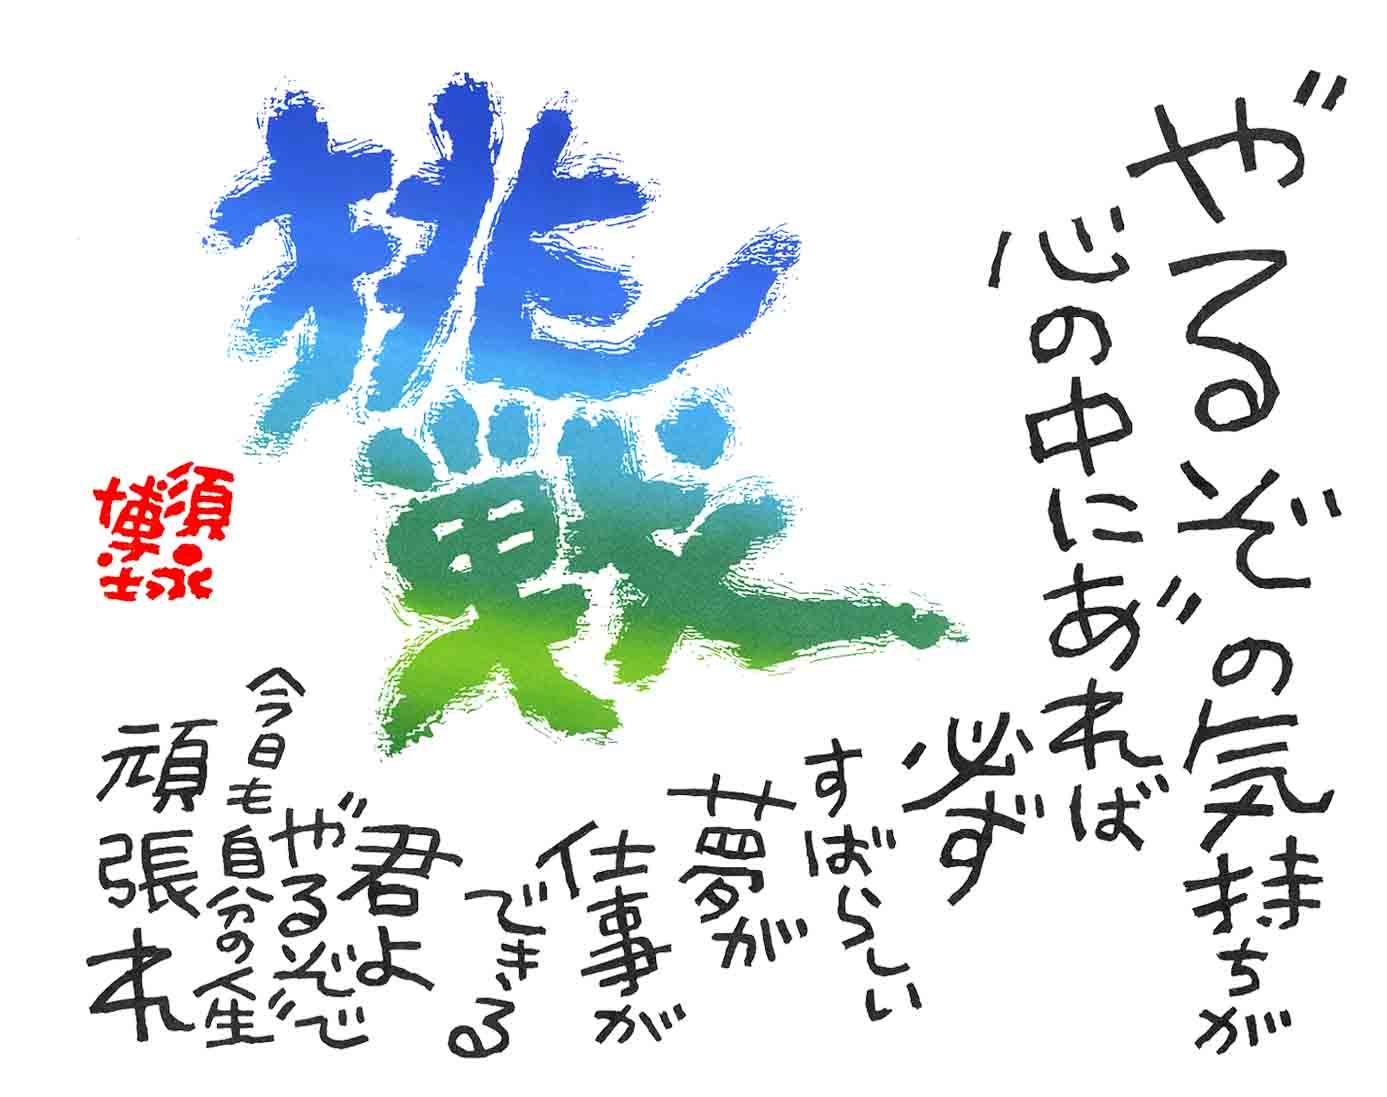 色紙「挑戦」やるぞの気持ち - 須永博士美術館